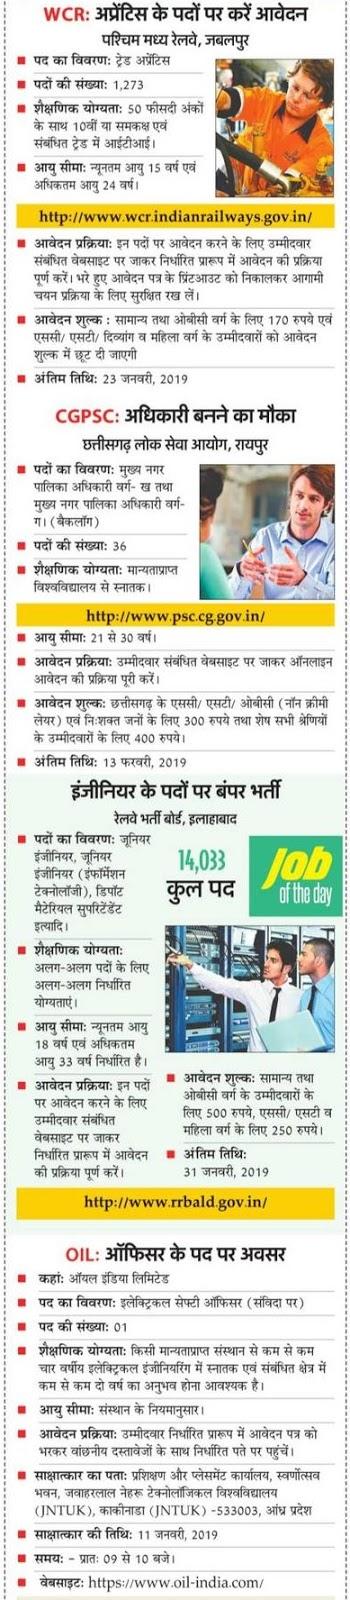 Today Job Alert: जानिए आज कहाँ और किन पदों पर निकलीं नौकरियां